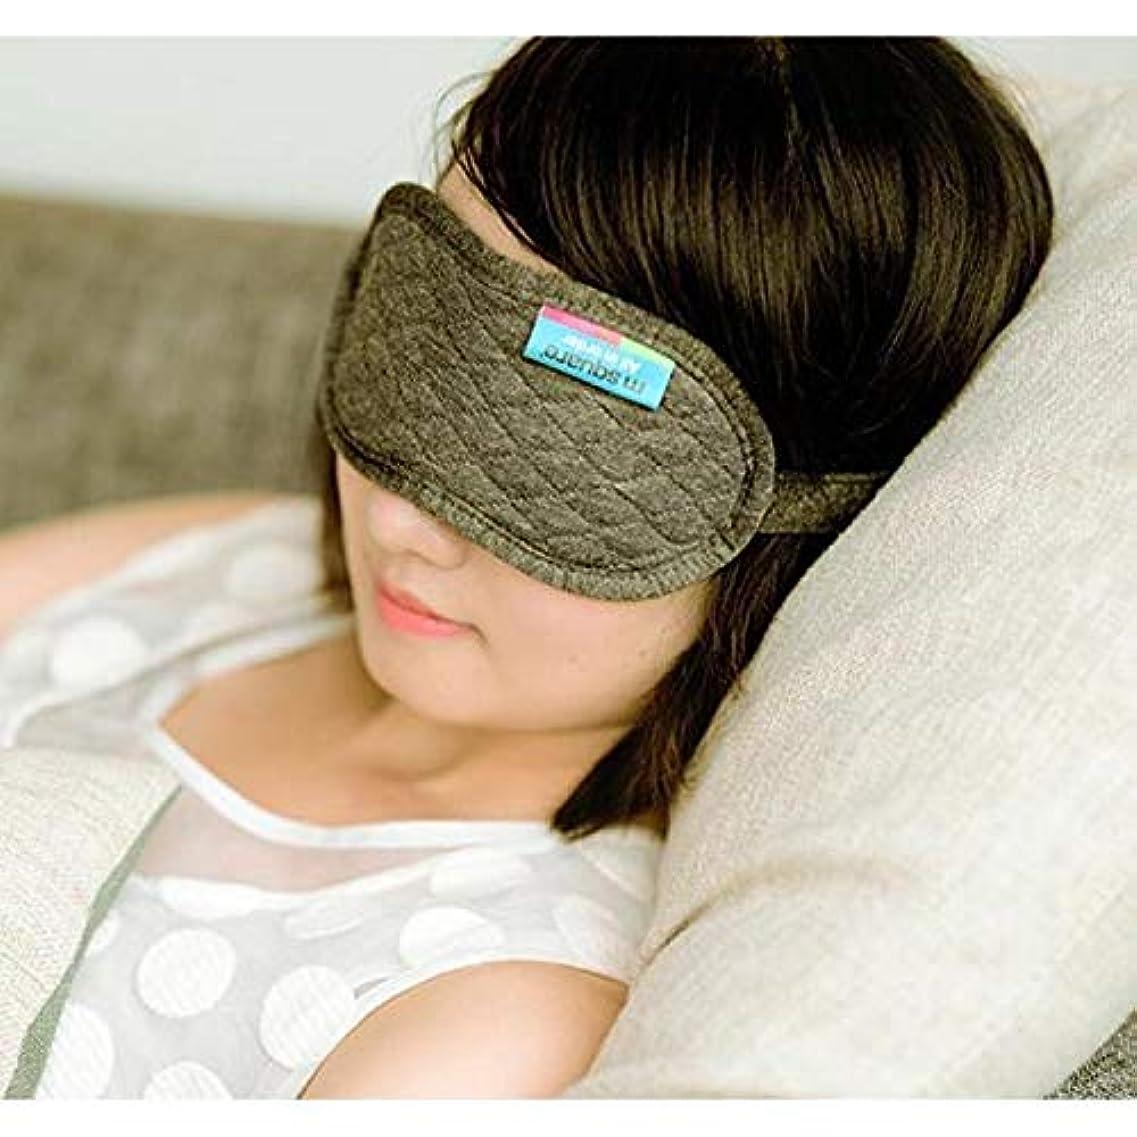 凍ったメカニック疑いNOTE 1ピースナチュラルスリーピングアイマスクアイシェード3dアイマスクトラベルツール低反発睡眠シェードカバー睡眠目隠しC2